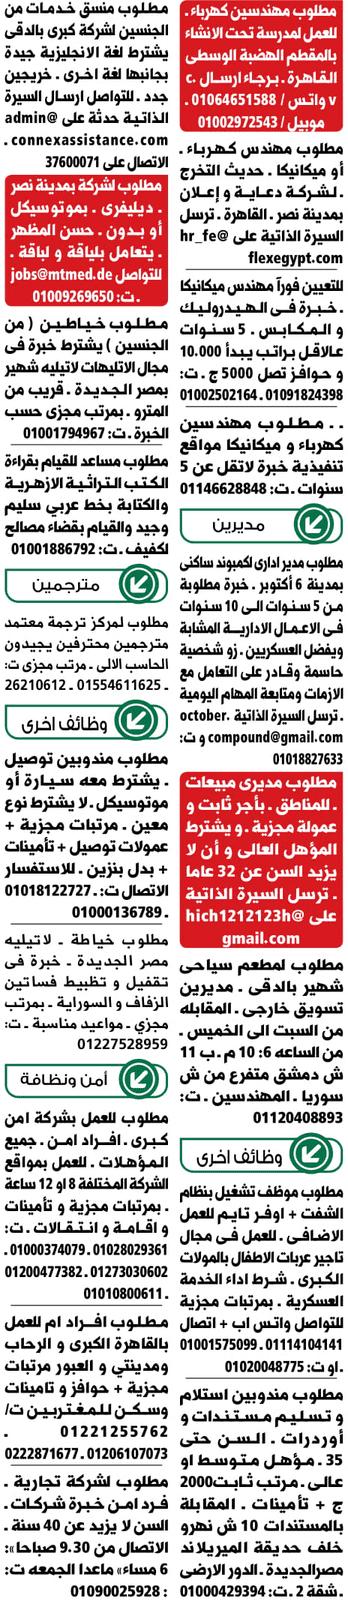 وظائف جريدة الوسيط مصر الأثنين 15/4/2019 2